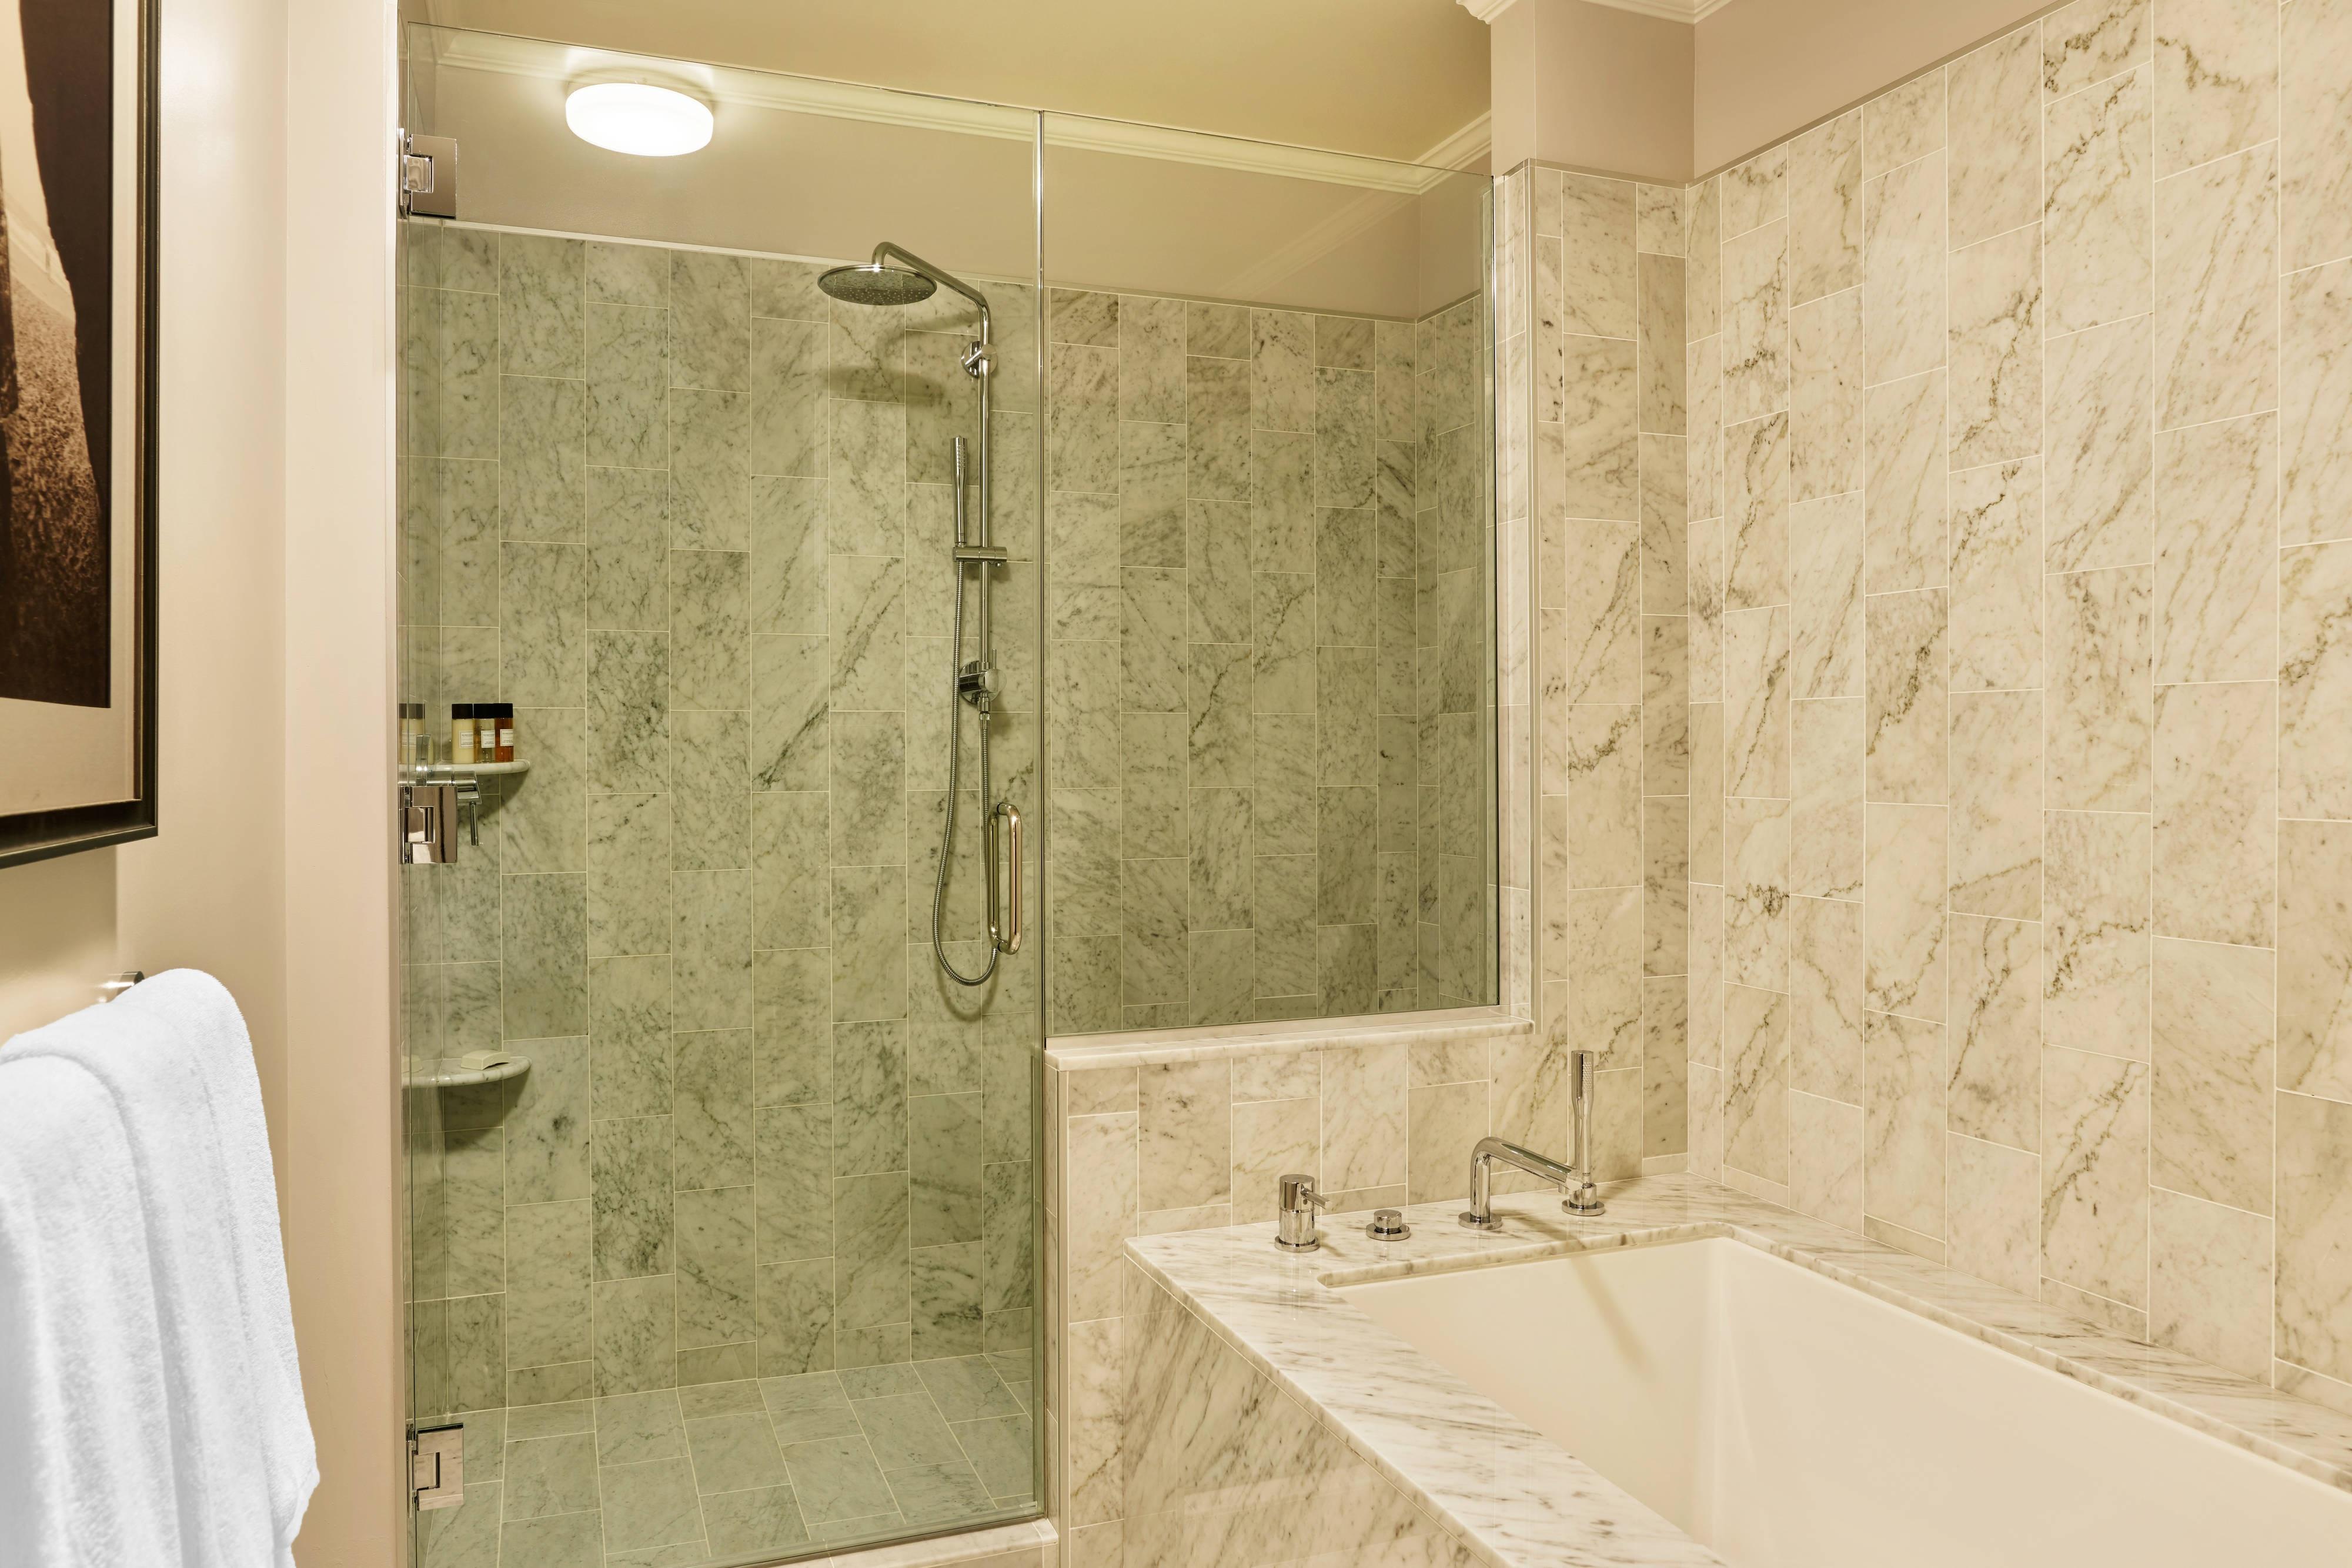 Palace Suite Tub & Shower